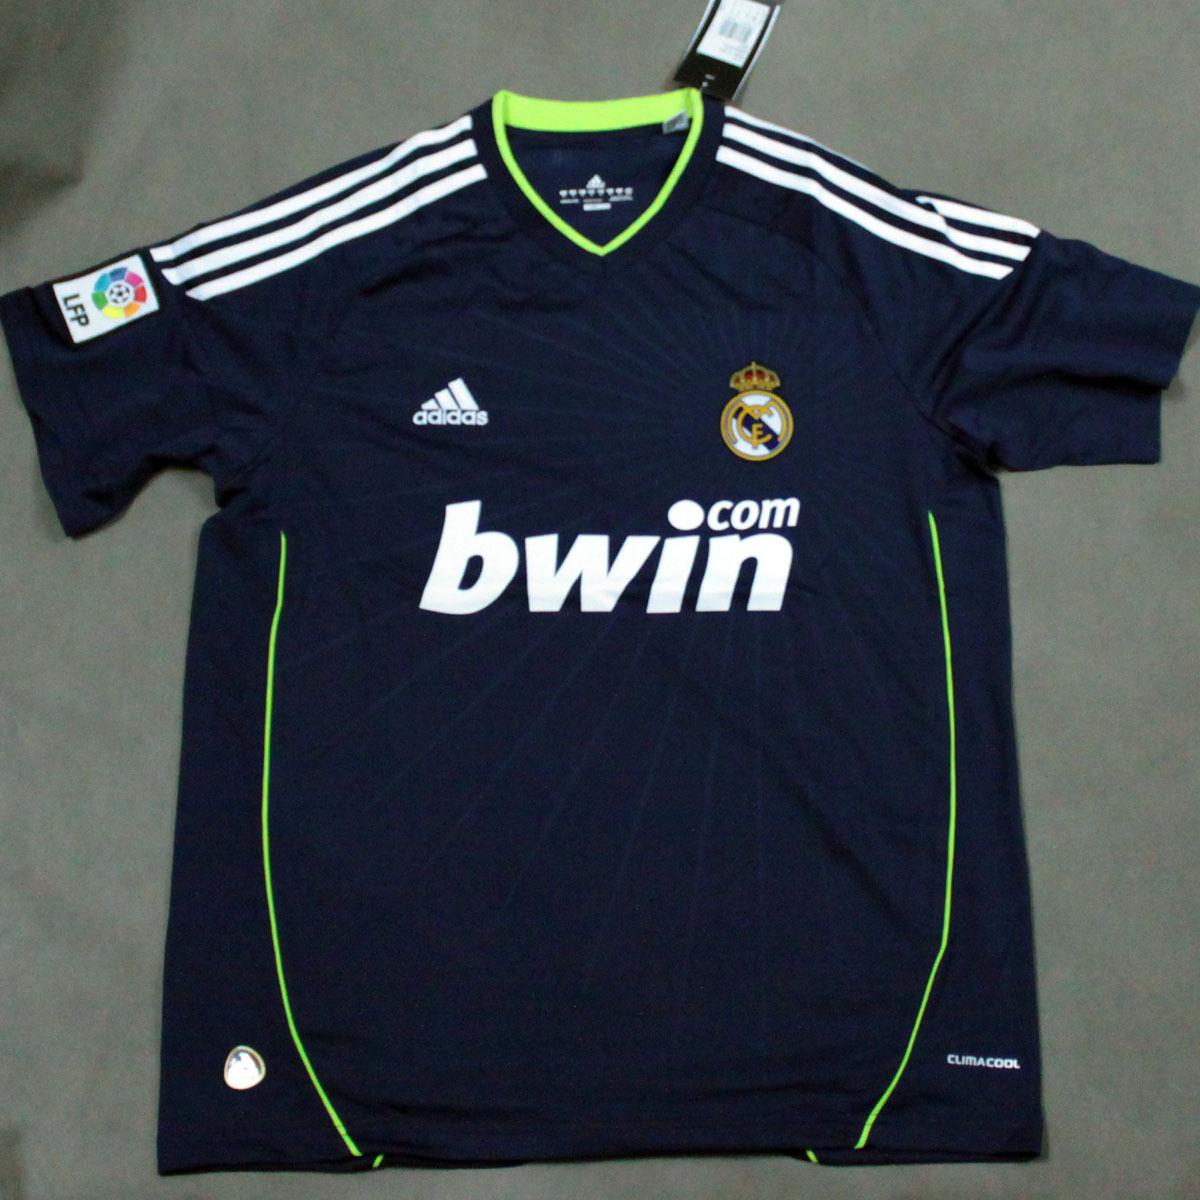 Футбольная форма Евро опыт Цена Реал Мадрид от трикотажа (предел 1) С коротким рукавом одежды футбол Реал